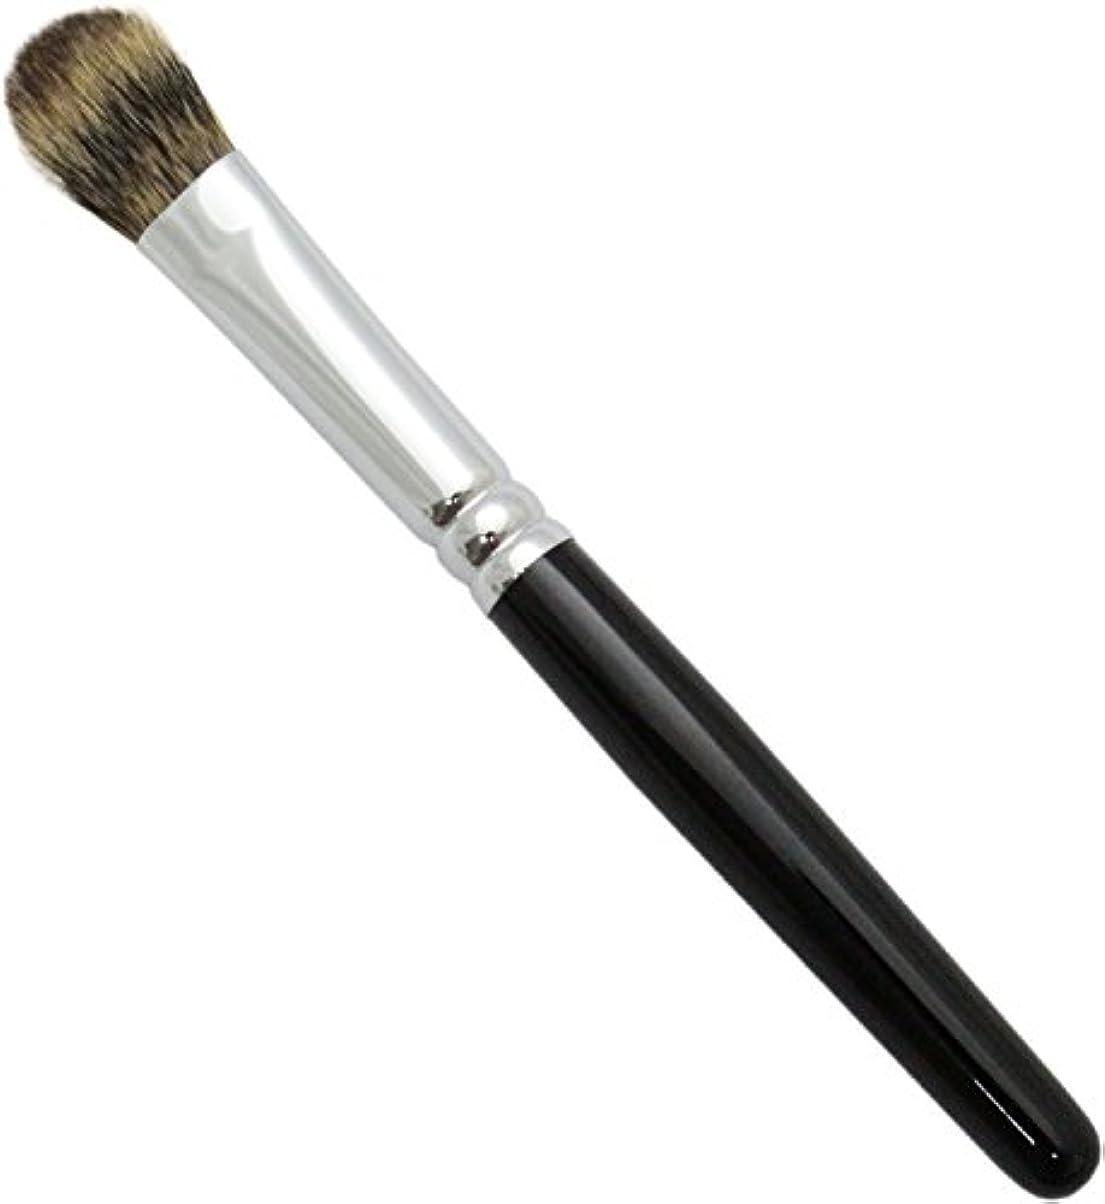 振りかける悪質な準備する熊野筆 メイクブラシ SRシリーズ アイカラーブラシ 松リス毛